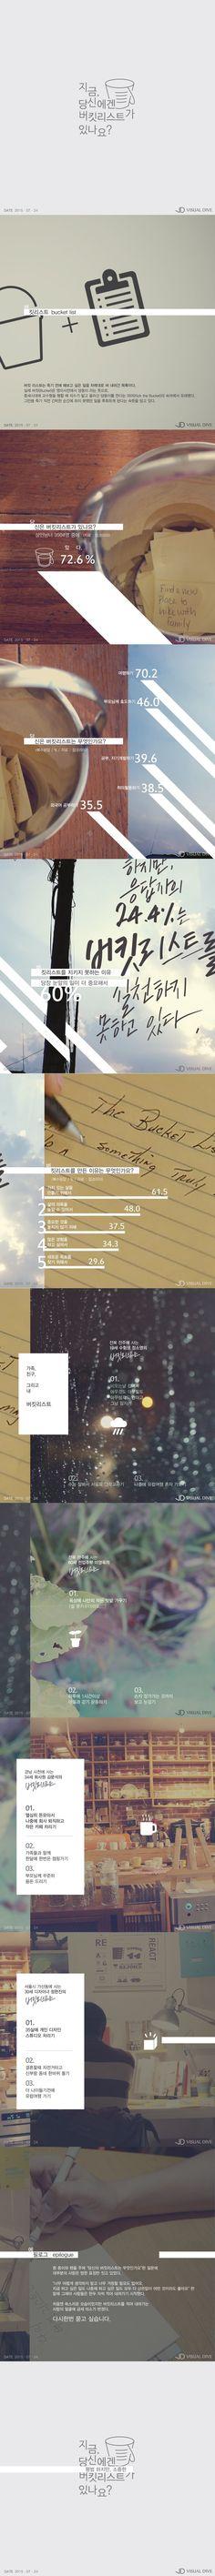 당신의 '버킷리스트'는 무엇인가요? [카드뉴스] #Bucket_list / #Infographic ⓒ 비주얼다이브 무단 복사·전재·재배포 금지